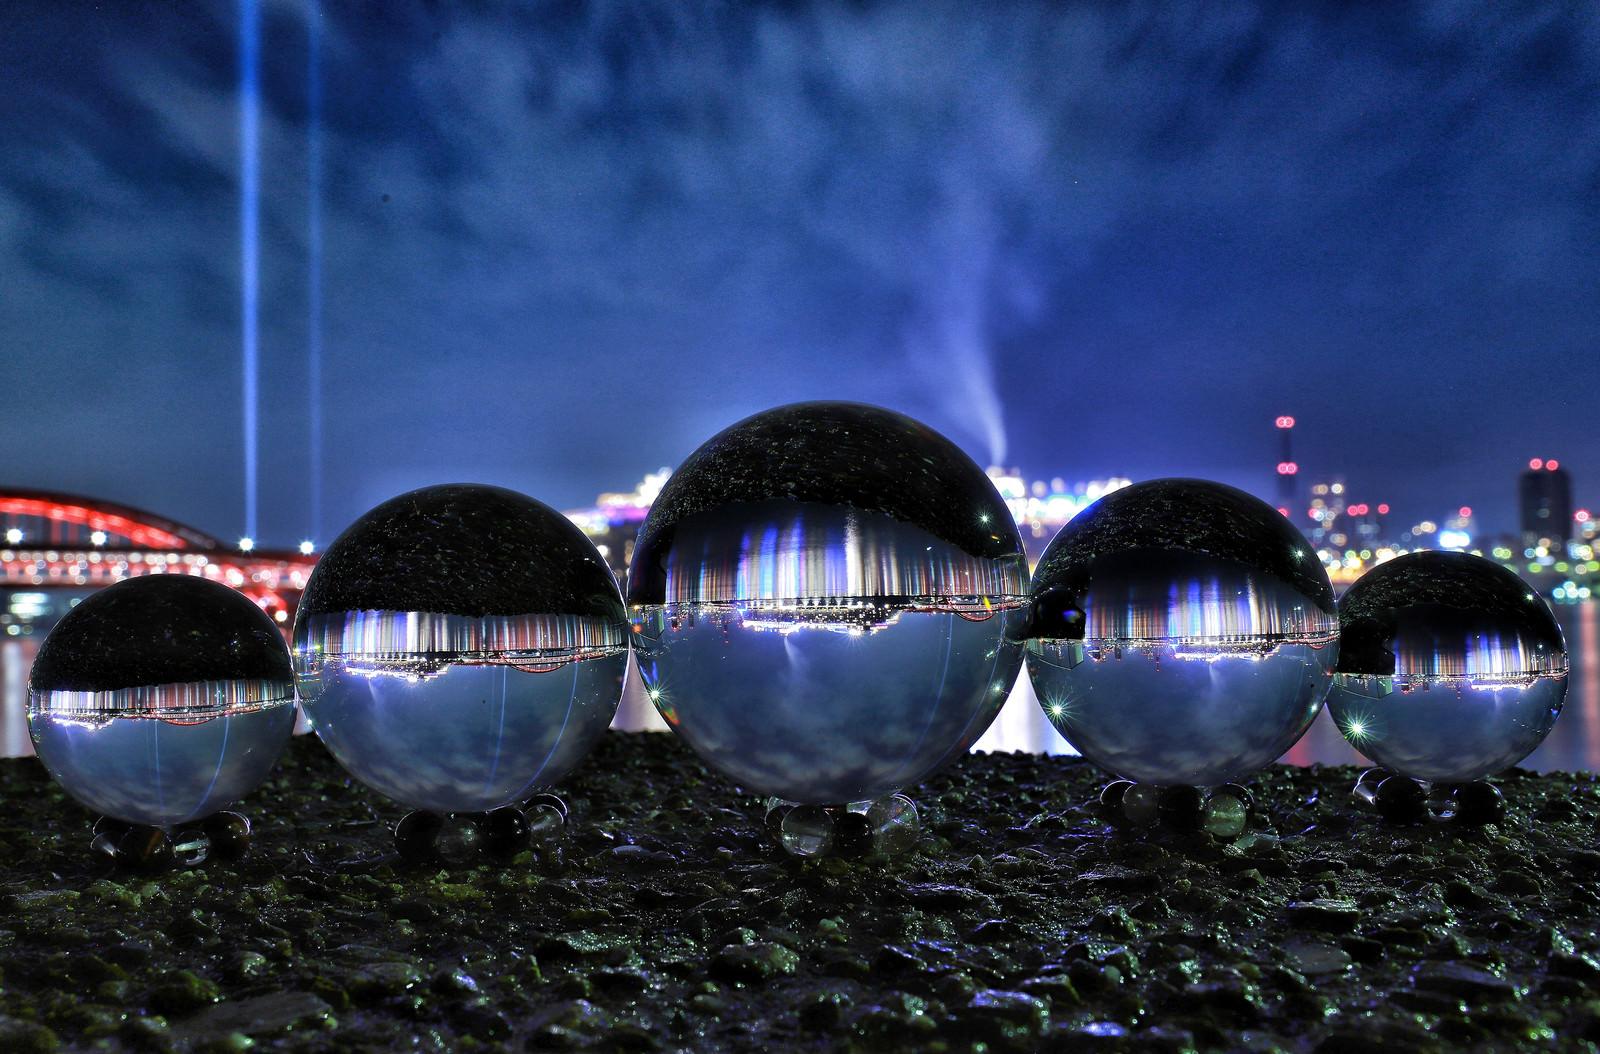 「水晶球から見る夜の旅客船」の写真